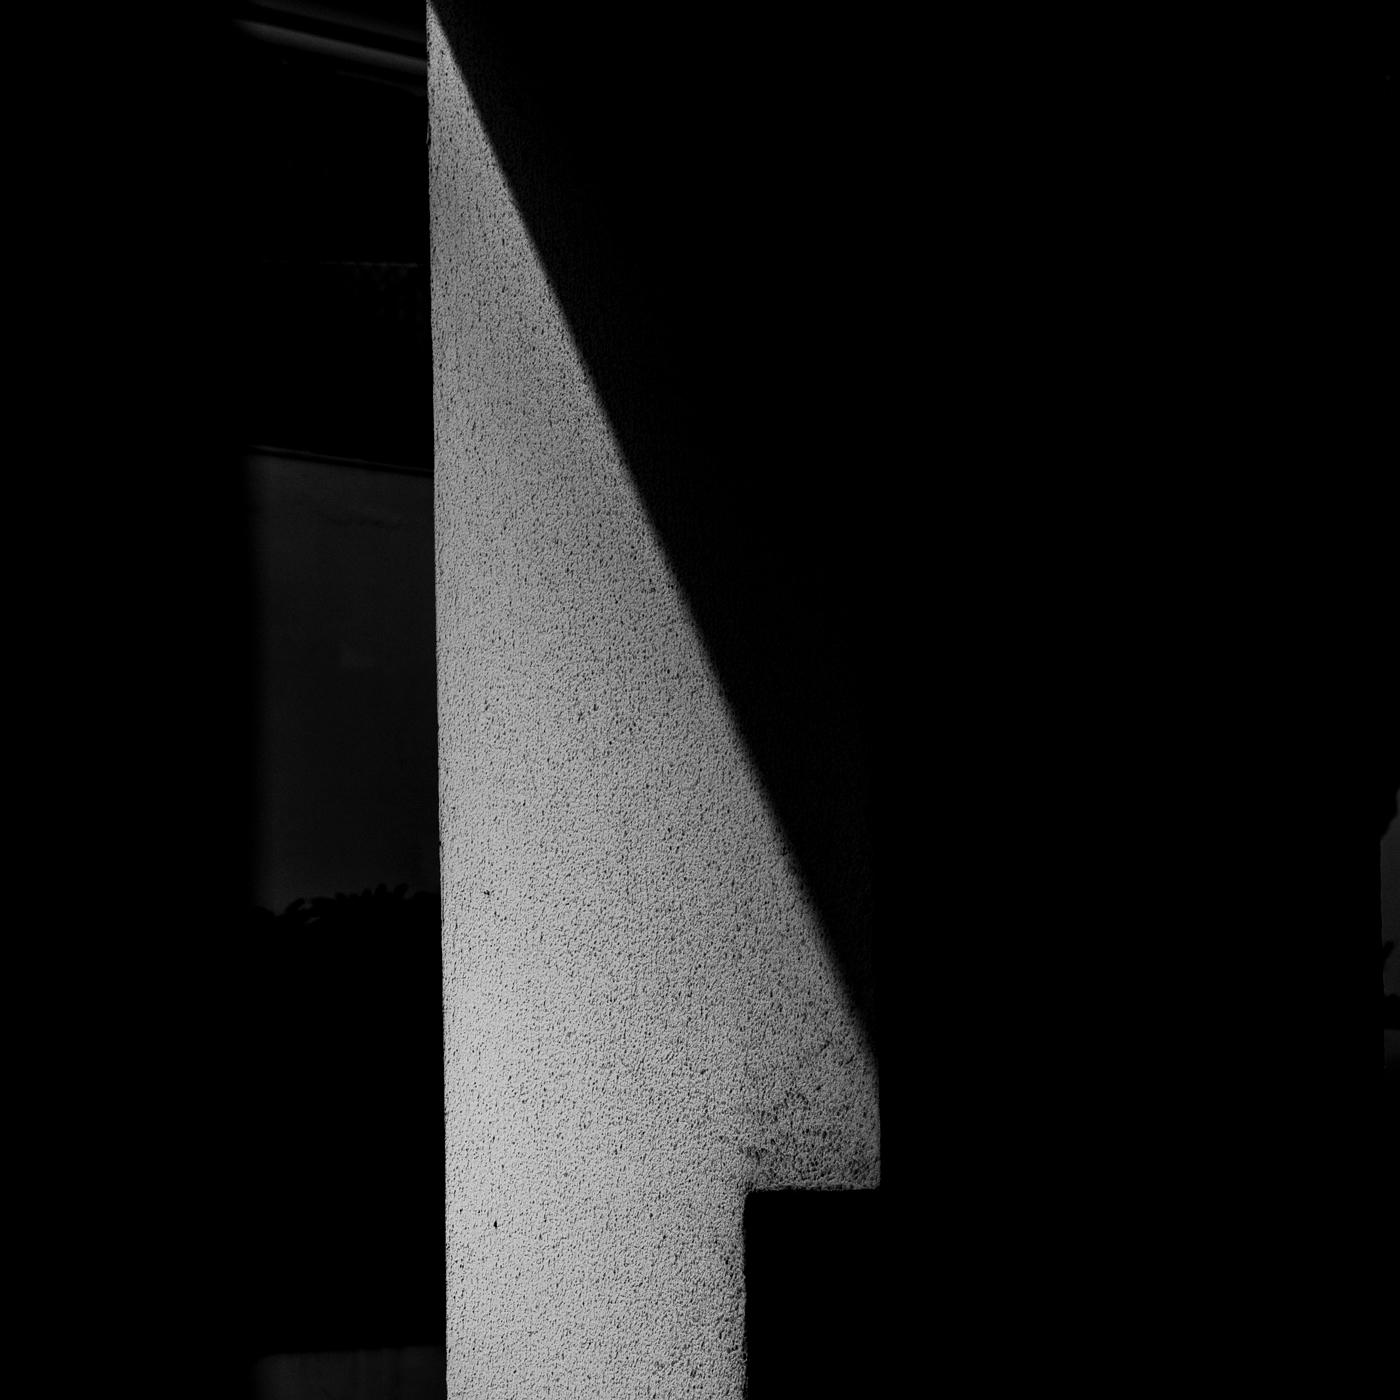 © Inês Valente | Fotografia e Narrativa, Vamos criar a imagem de uma quarentena.